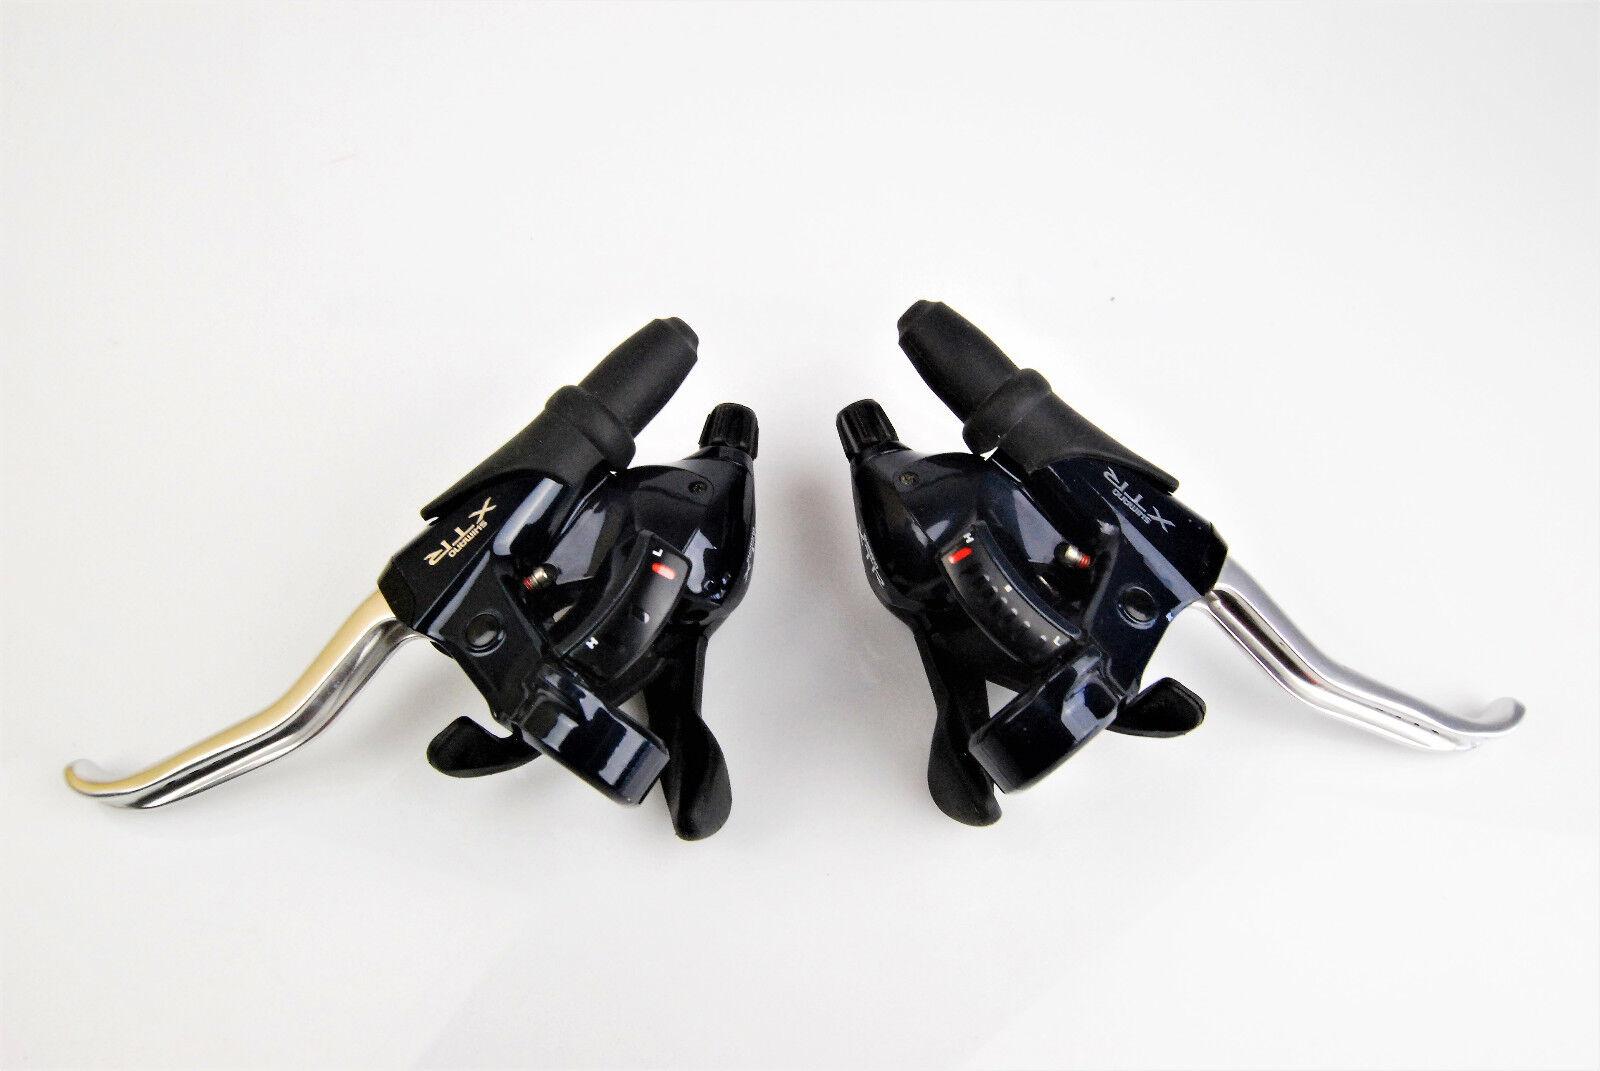 Shimano XTR  STI-M910 8spd STI Set R L - TOP  gorgeous